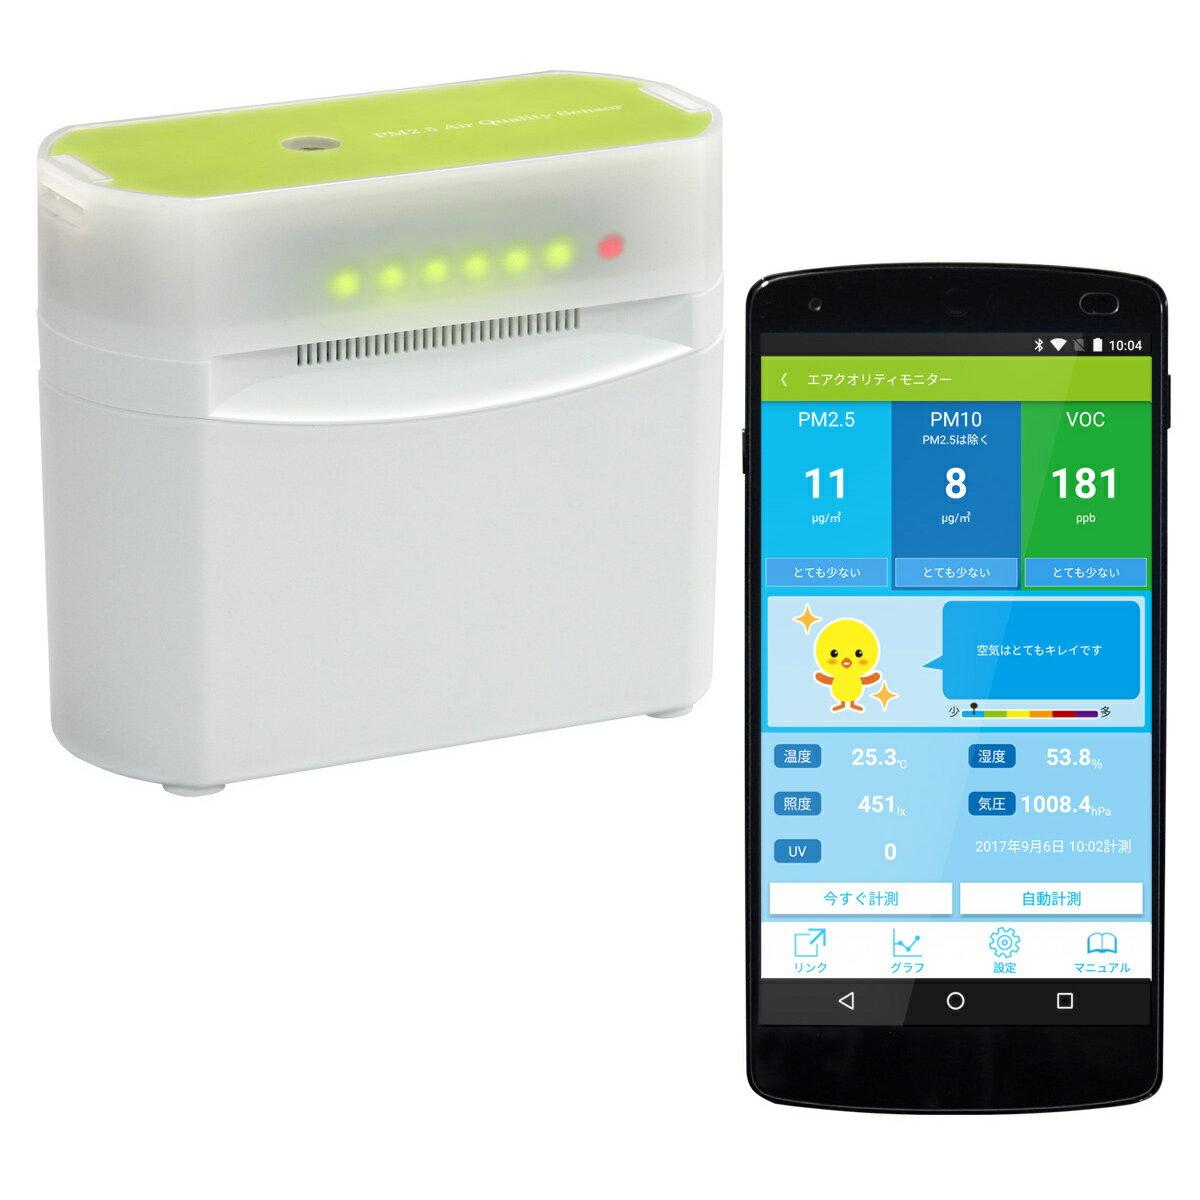 Bluetoothエアクオリティーモニター「REX-BTPM25V」